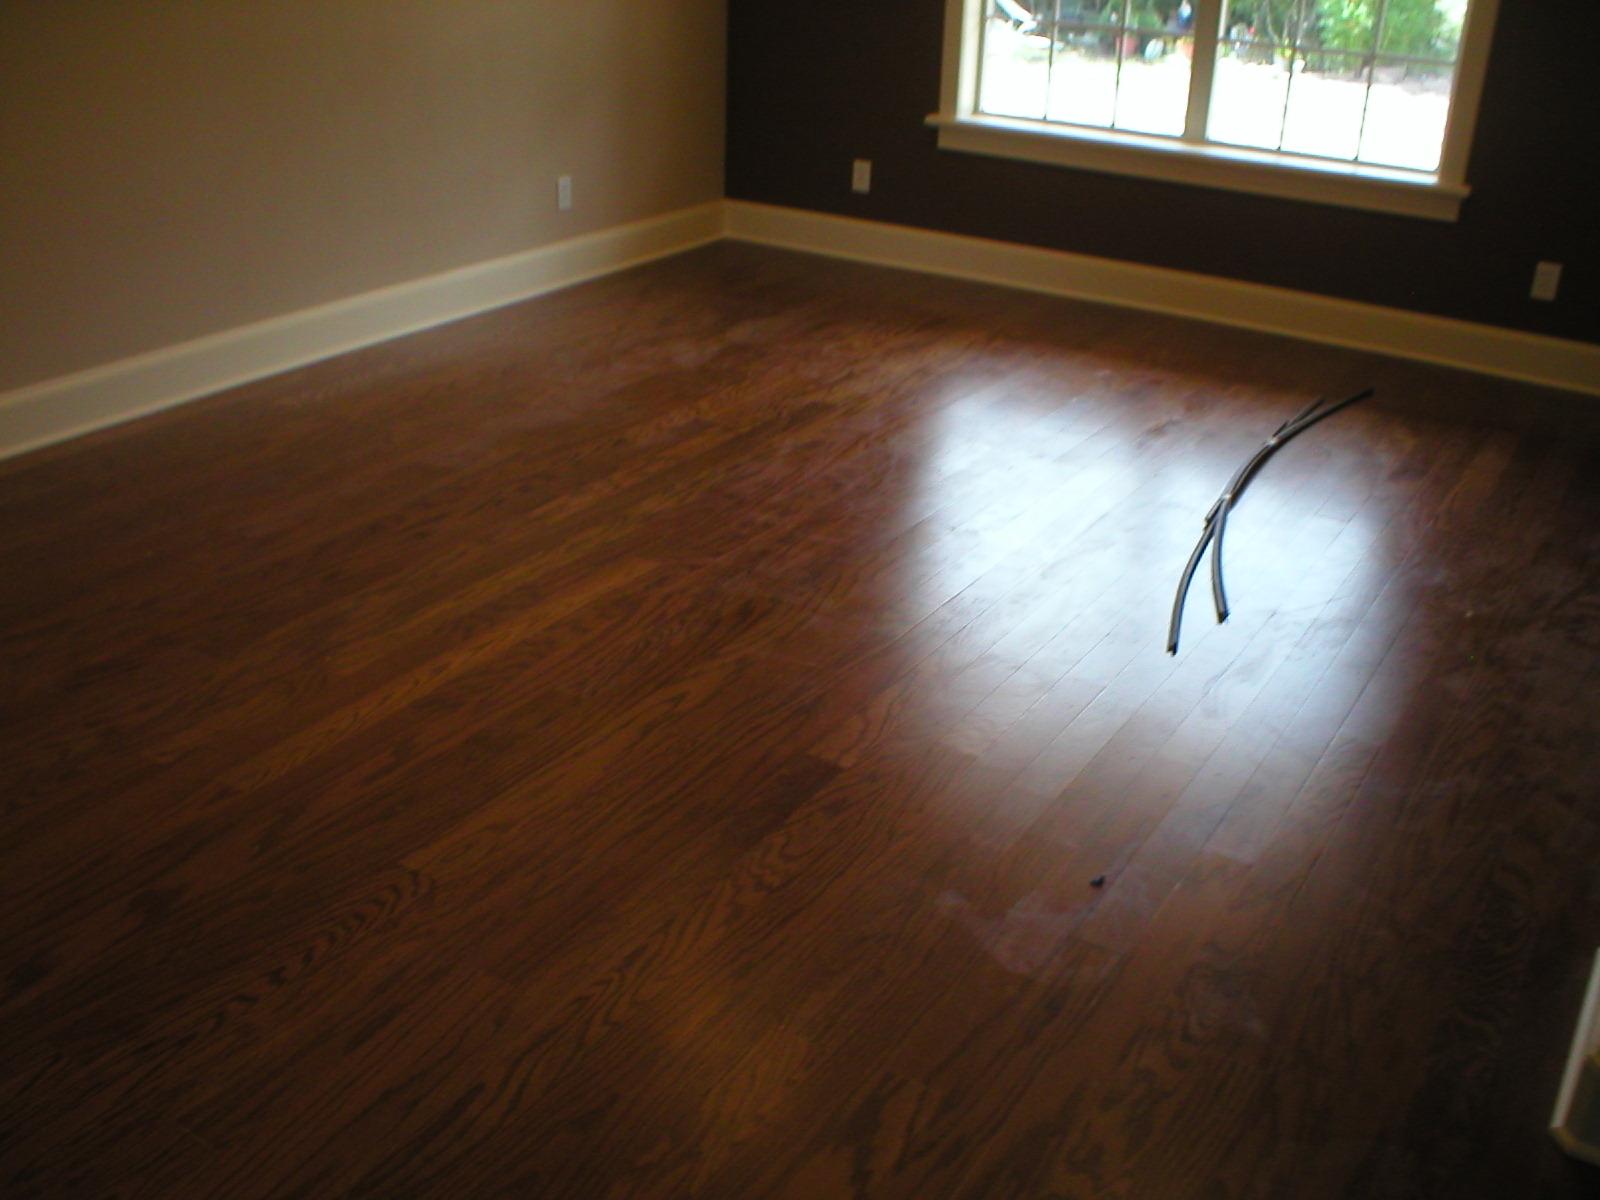 Hoboken Wood Flooring - Ourcozycatcottage.com